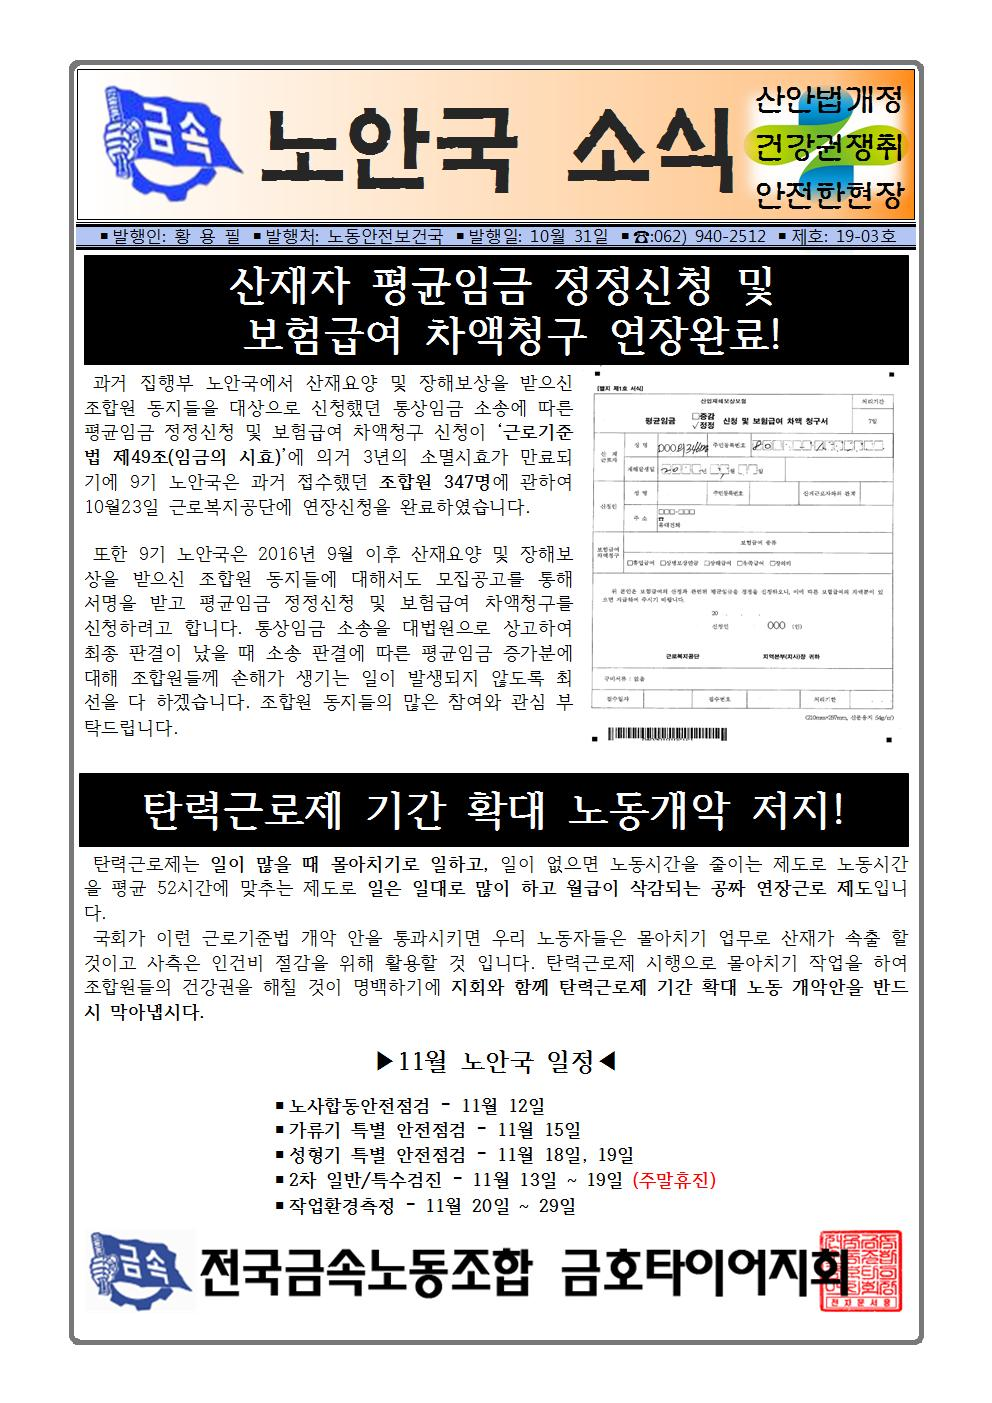 노안국소식 19-03.jpg